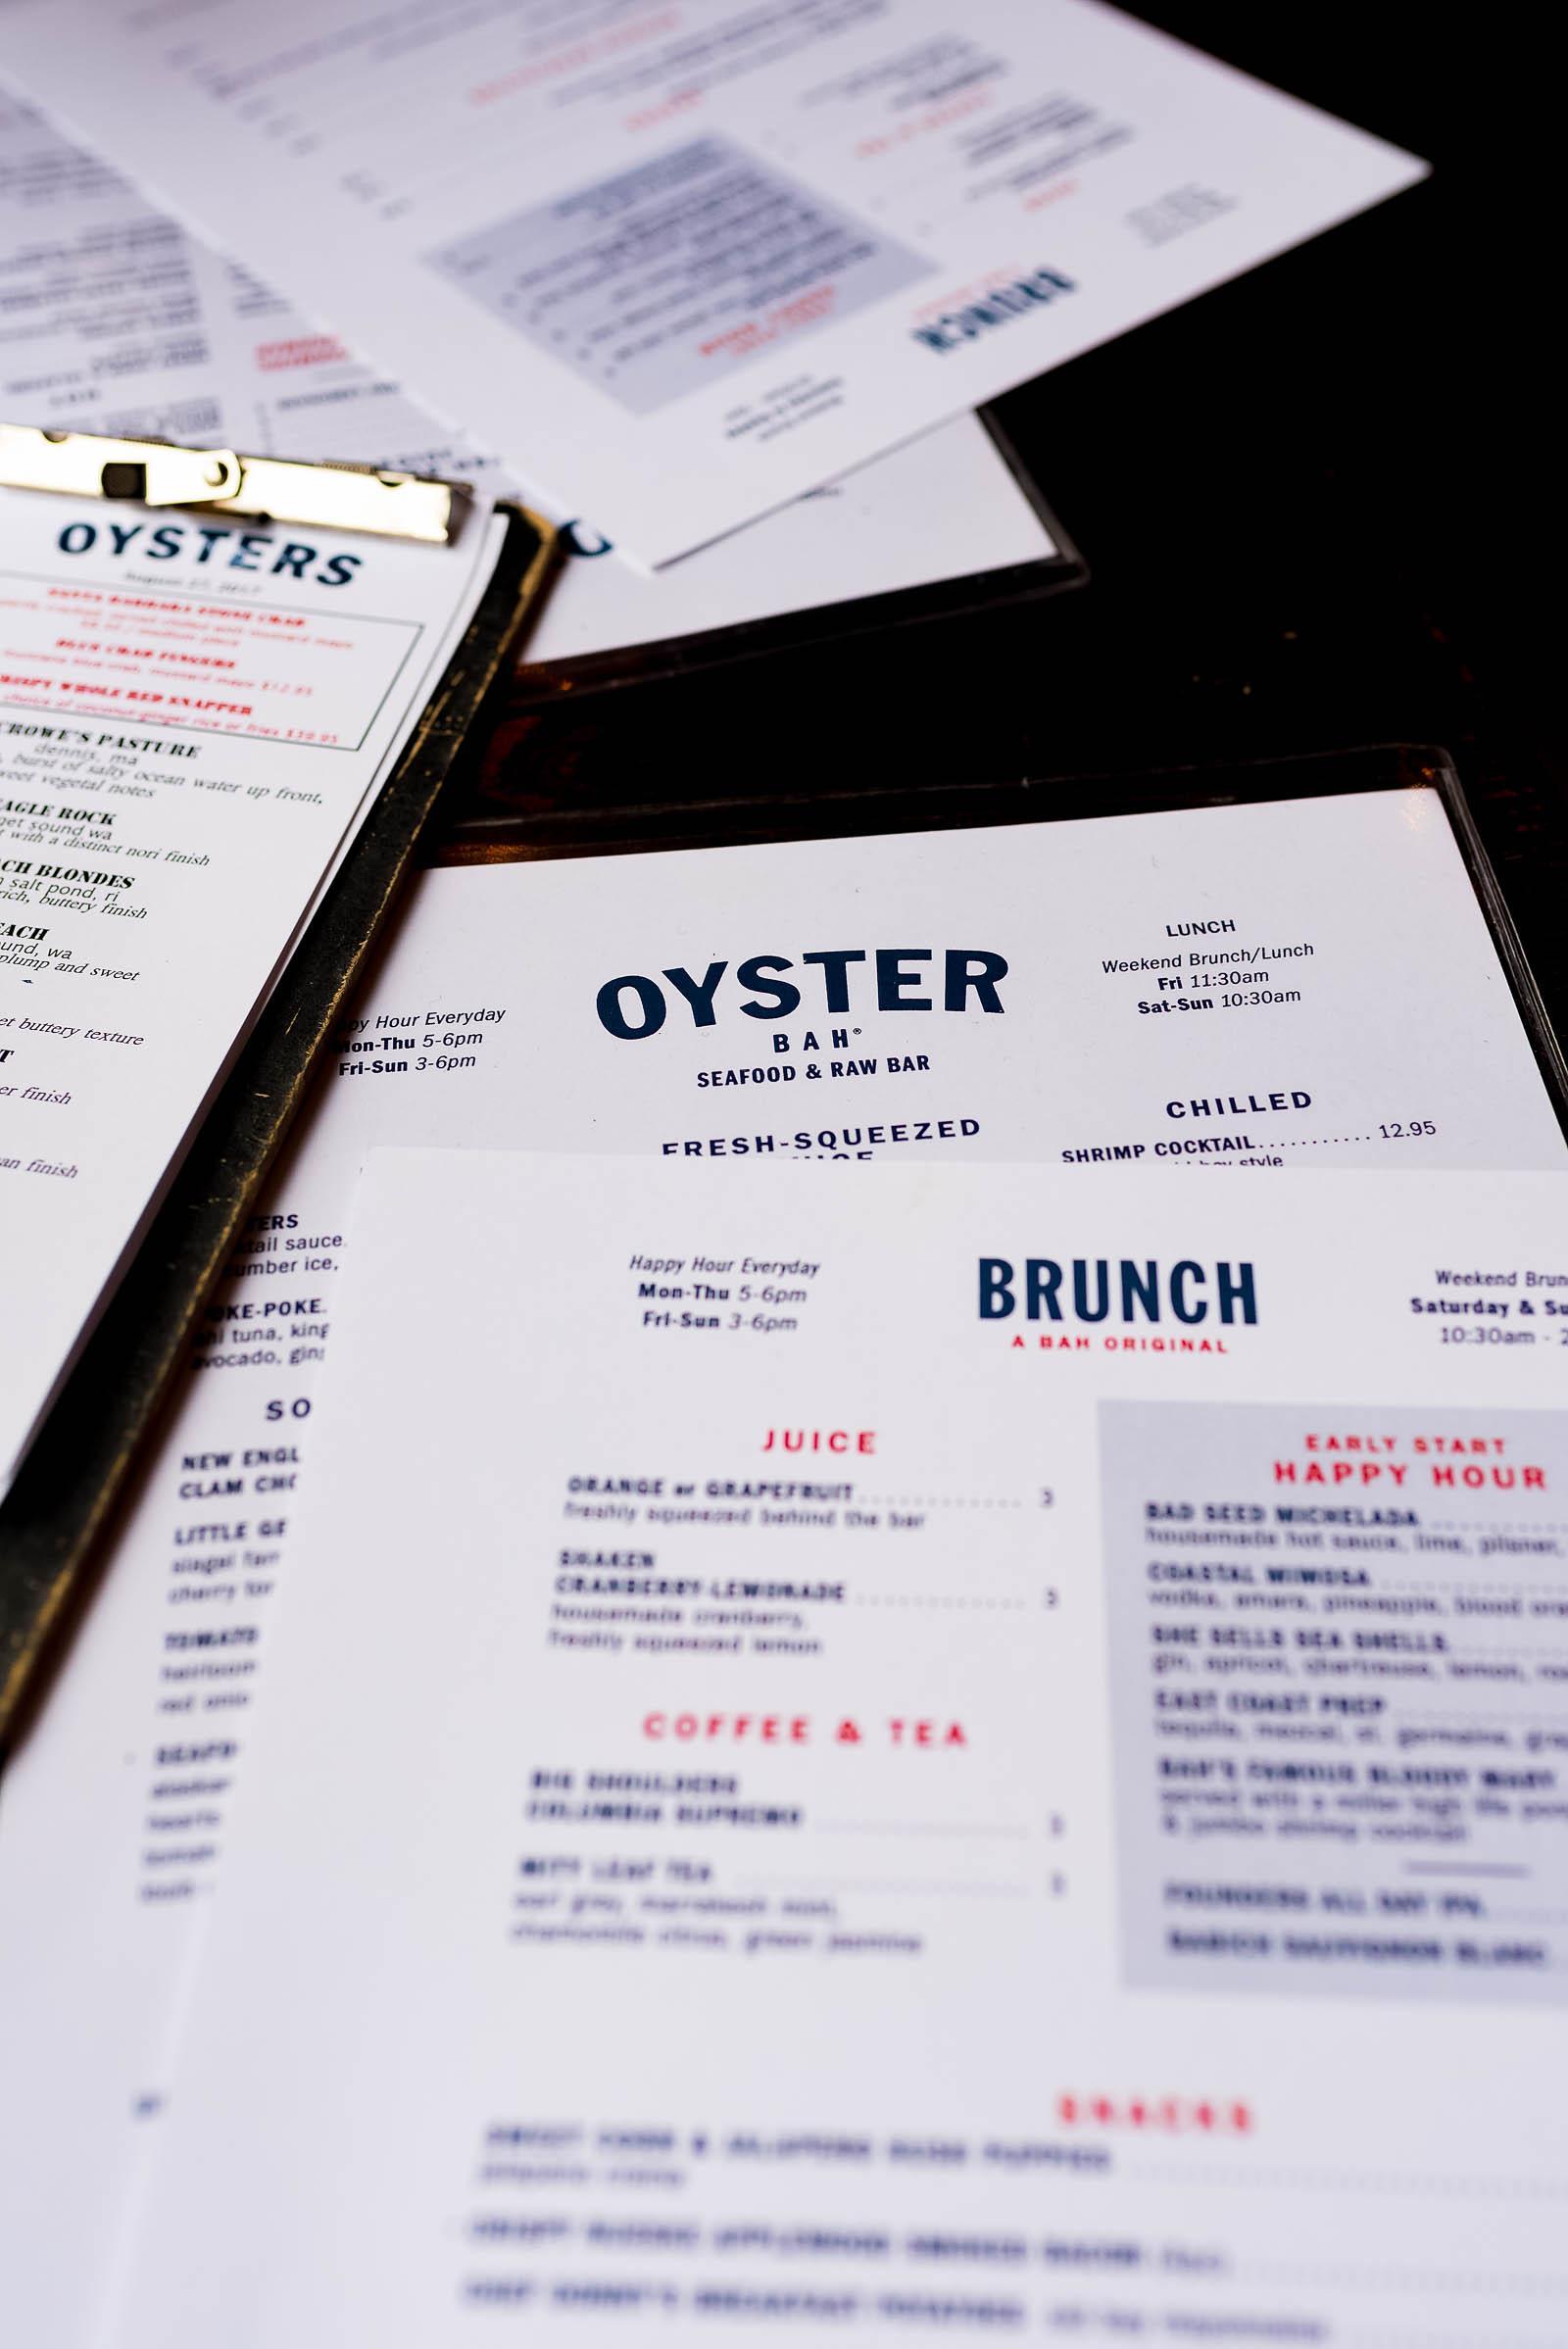 Oyster Bah Chicago Brunch